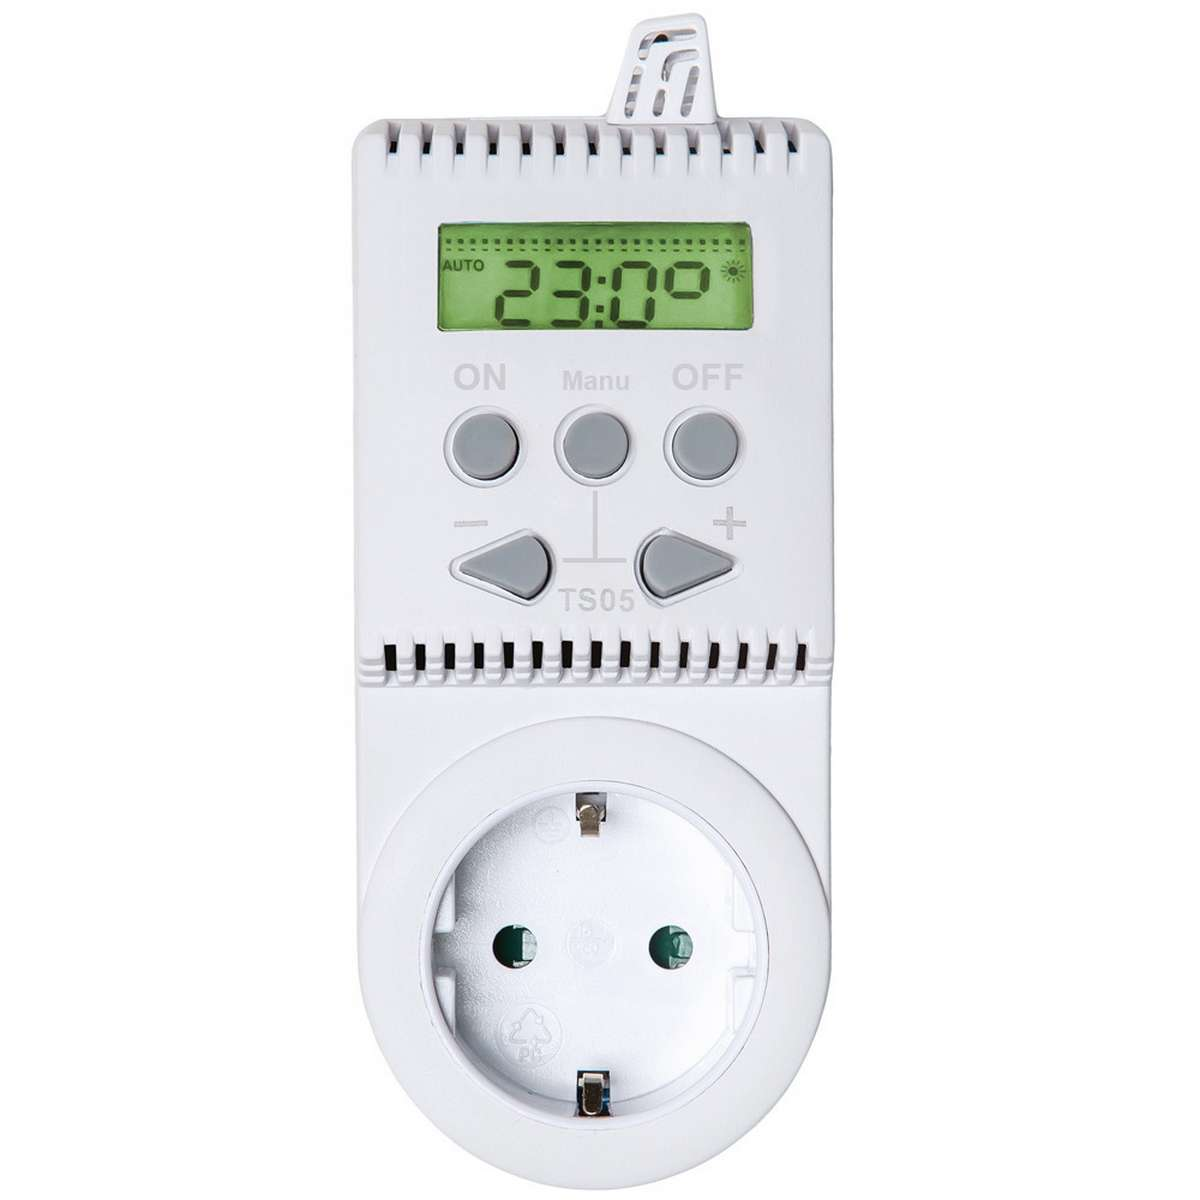 Thermostat für Steckdose TS05 - weiß günstig online kaufen